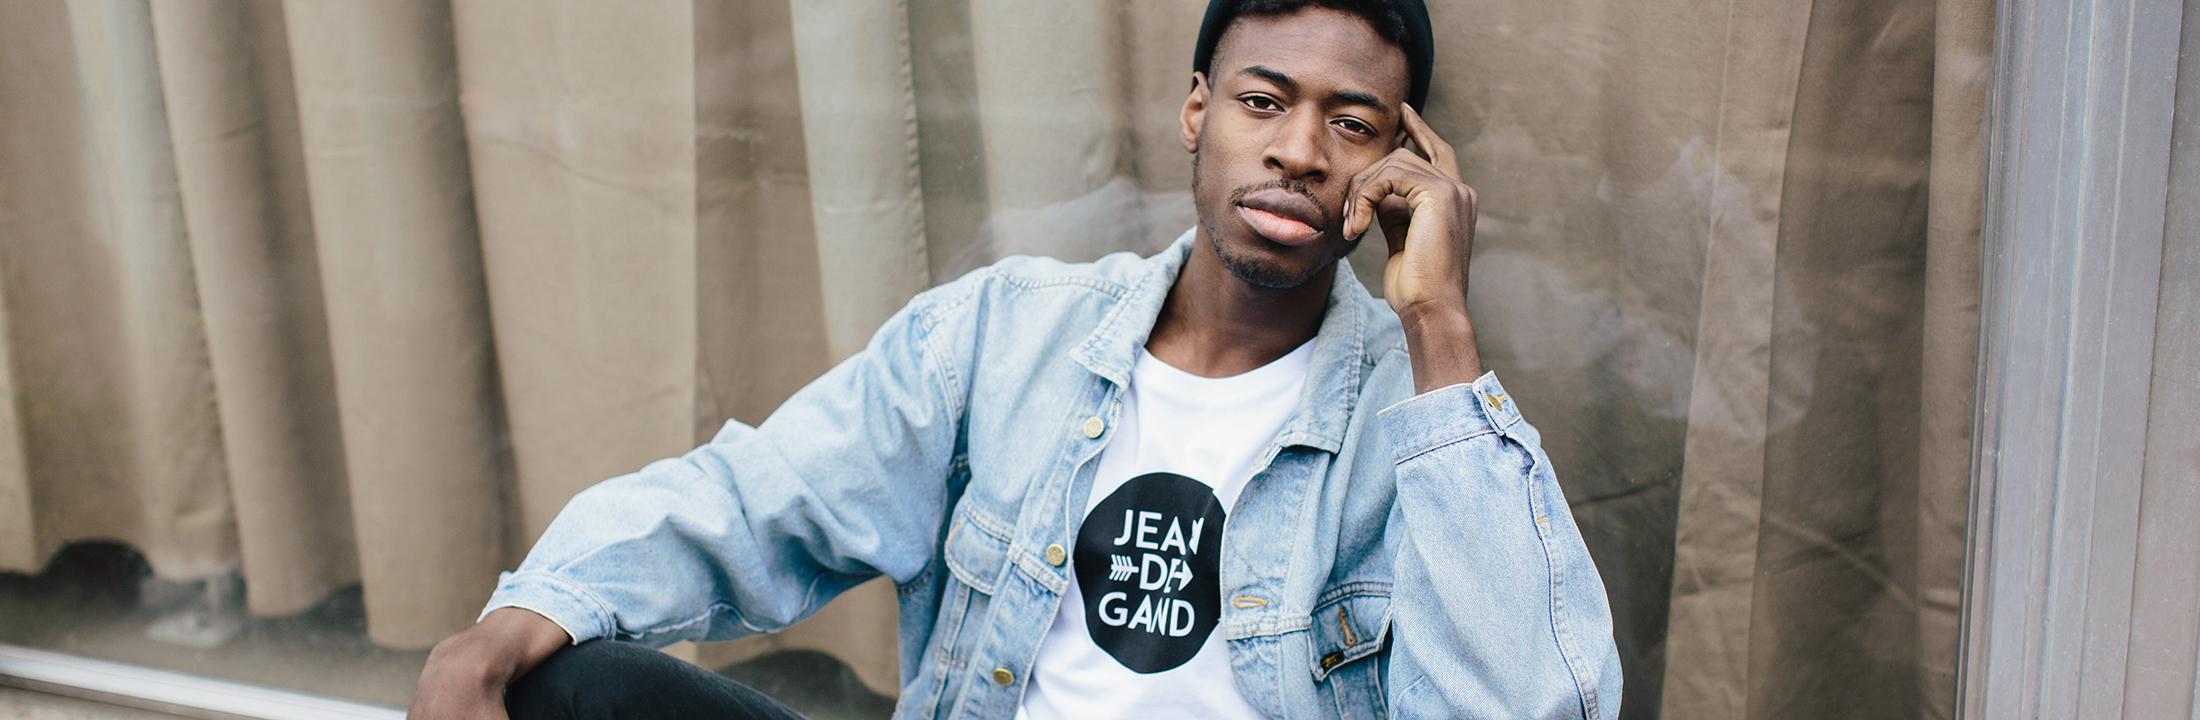 Jean de Gand T-shirt LOGO